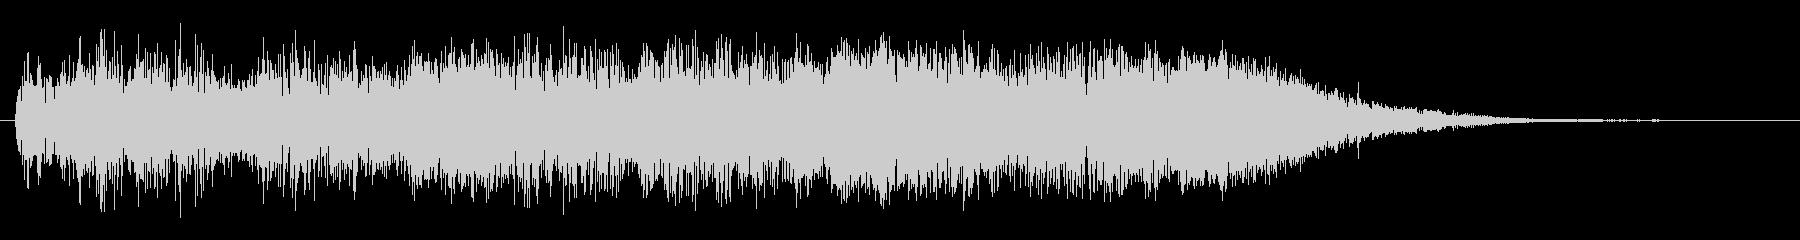 機械 ホラーオーケストラロング01の未再生の波形